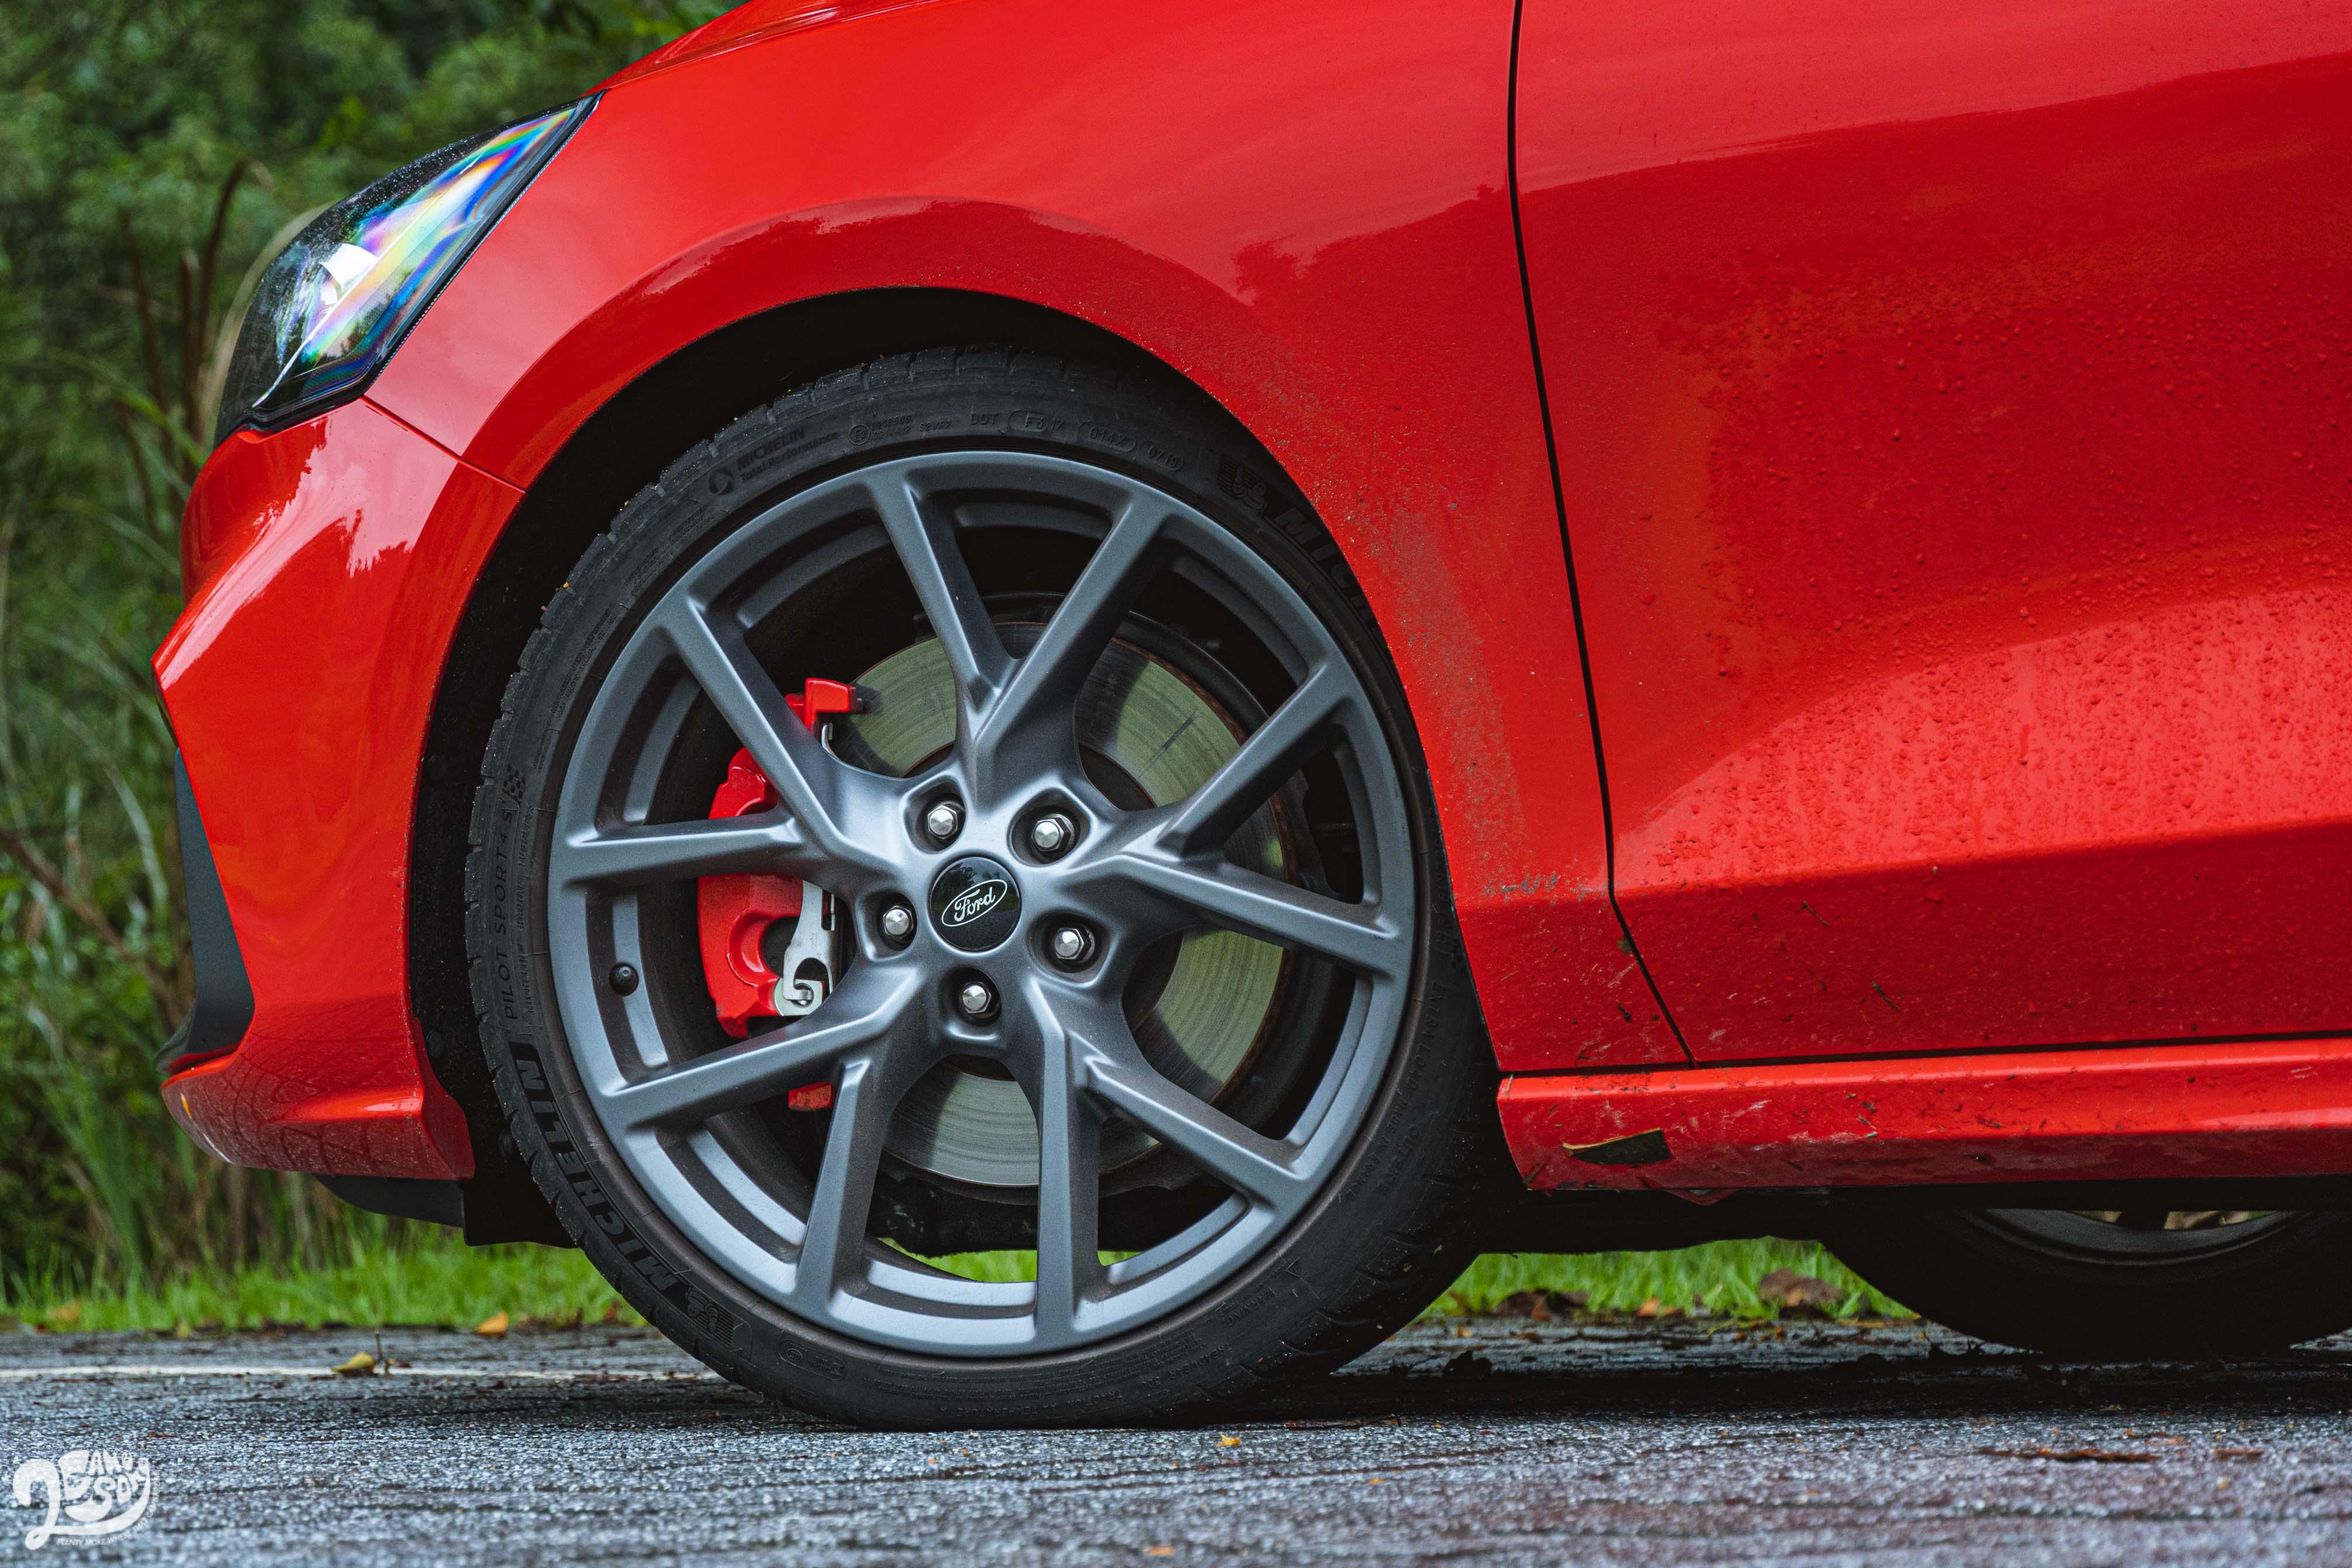 標配 ST 專屬賽道級懸吊系統、19 吋輪圈及 235/35 ZR19 Michelin Pilot Sport 4S 高性能跑胎。